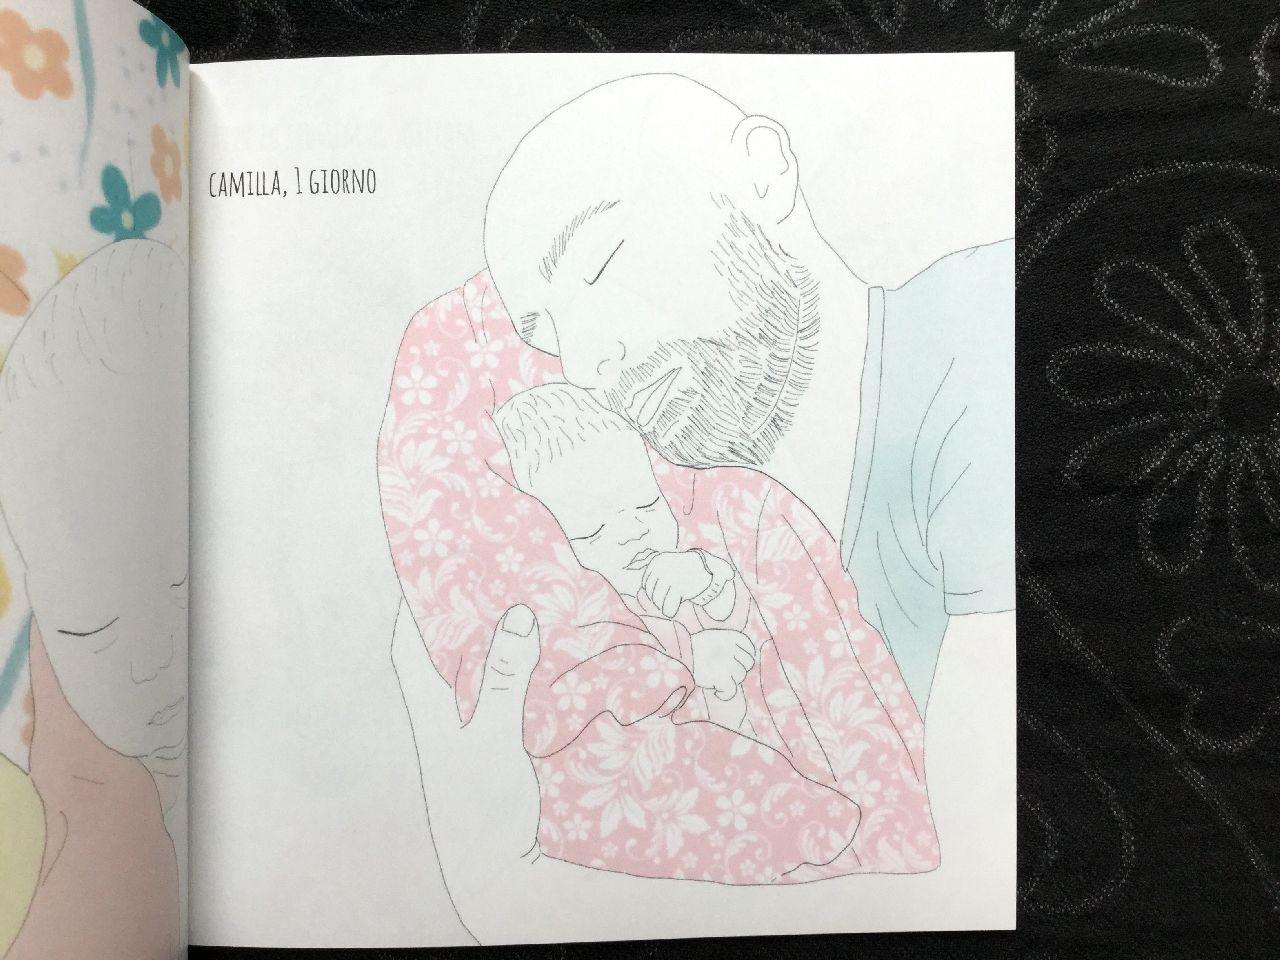 Laura Riccobono - Corinna Luna Crotta, Come sarà, La luna in fascia